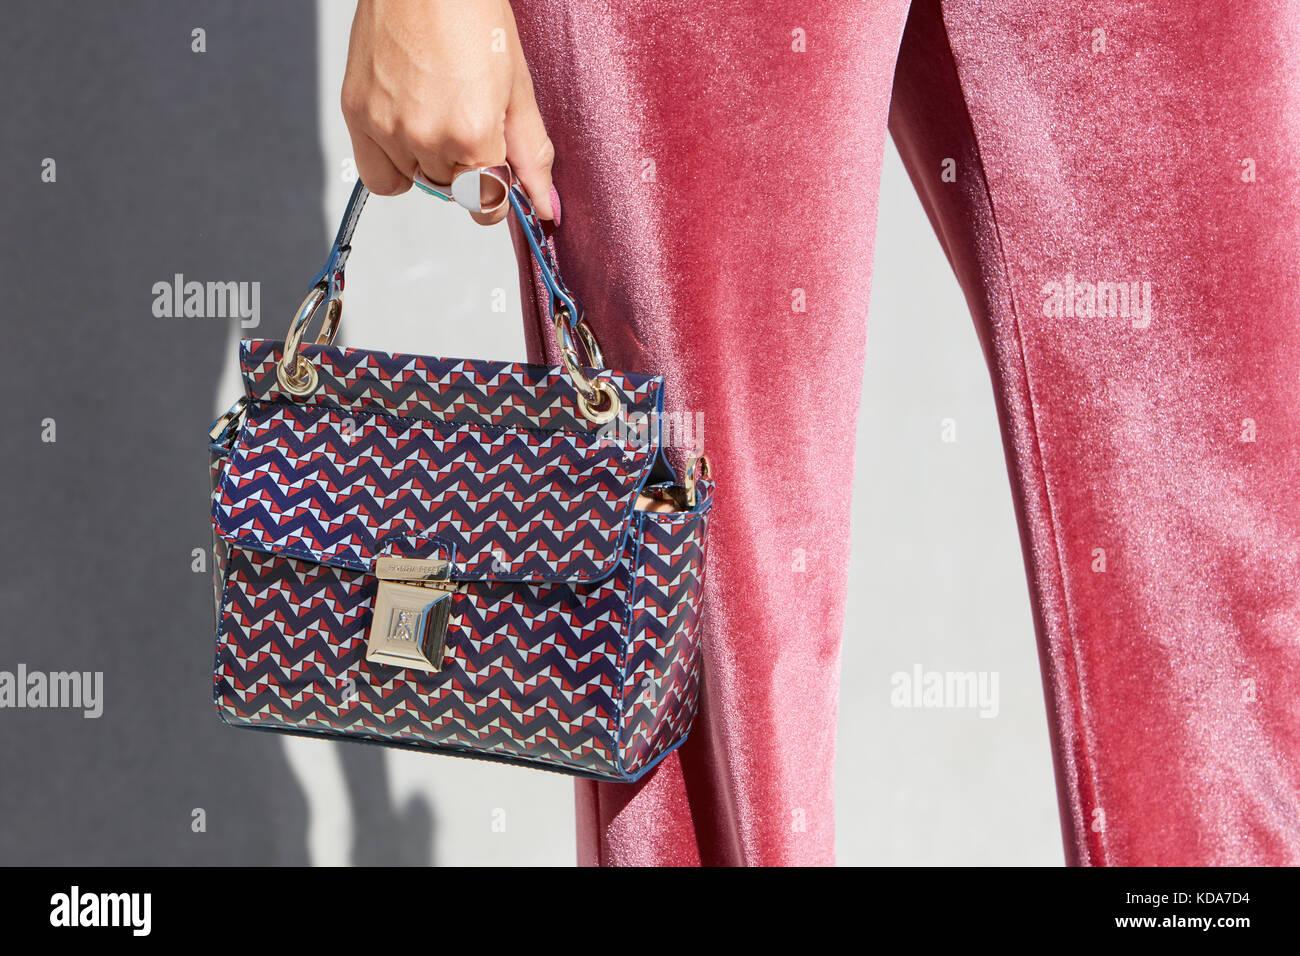 Milano - 20 settembre  donna con rosa pantaloni di velluto e patrizia pepe  sacco prima e256e2a0fa5f